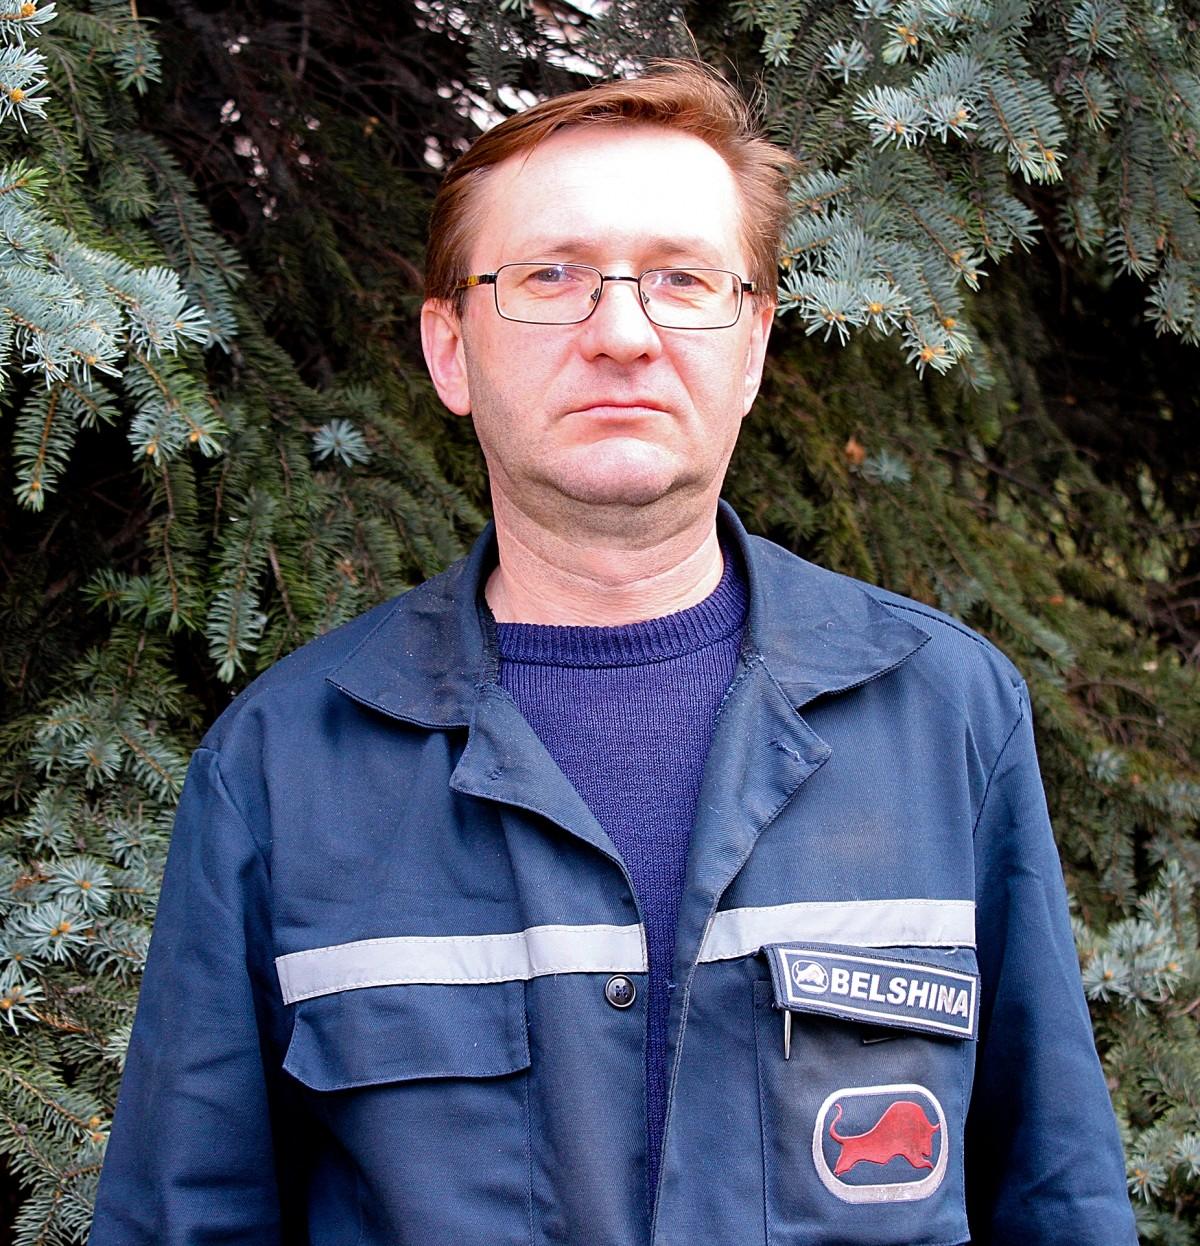 Александр Владимирович Мельников пришел работать на предприятие ОАО «Белшина» в 2009 году старшим мастером энергослужбы механического завода. А уже через полгода он стал главным энергетиком мехзавода.